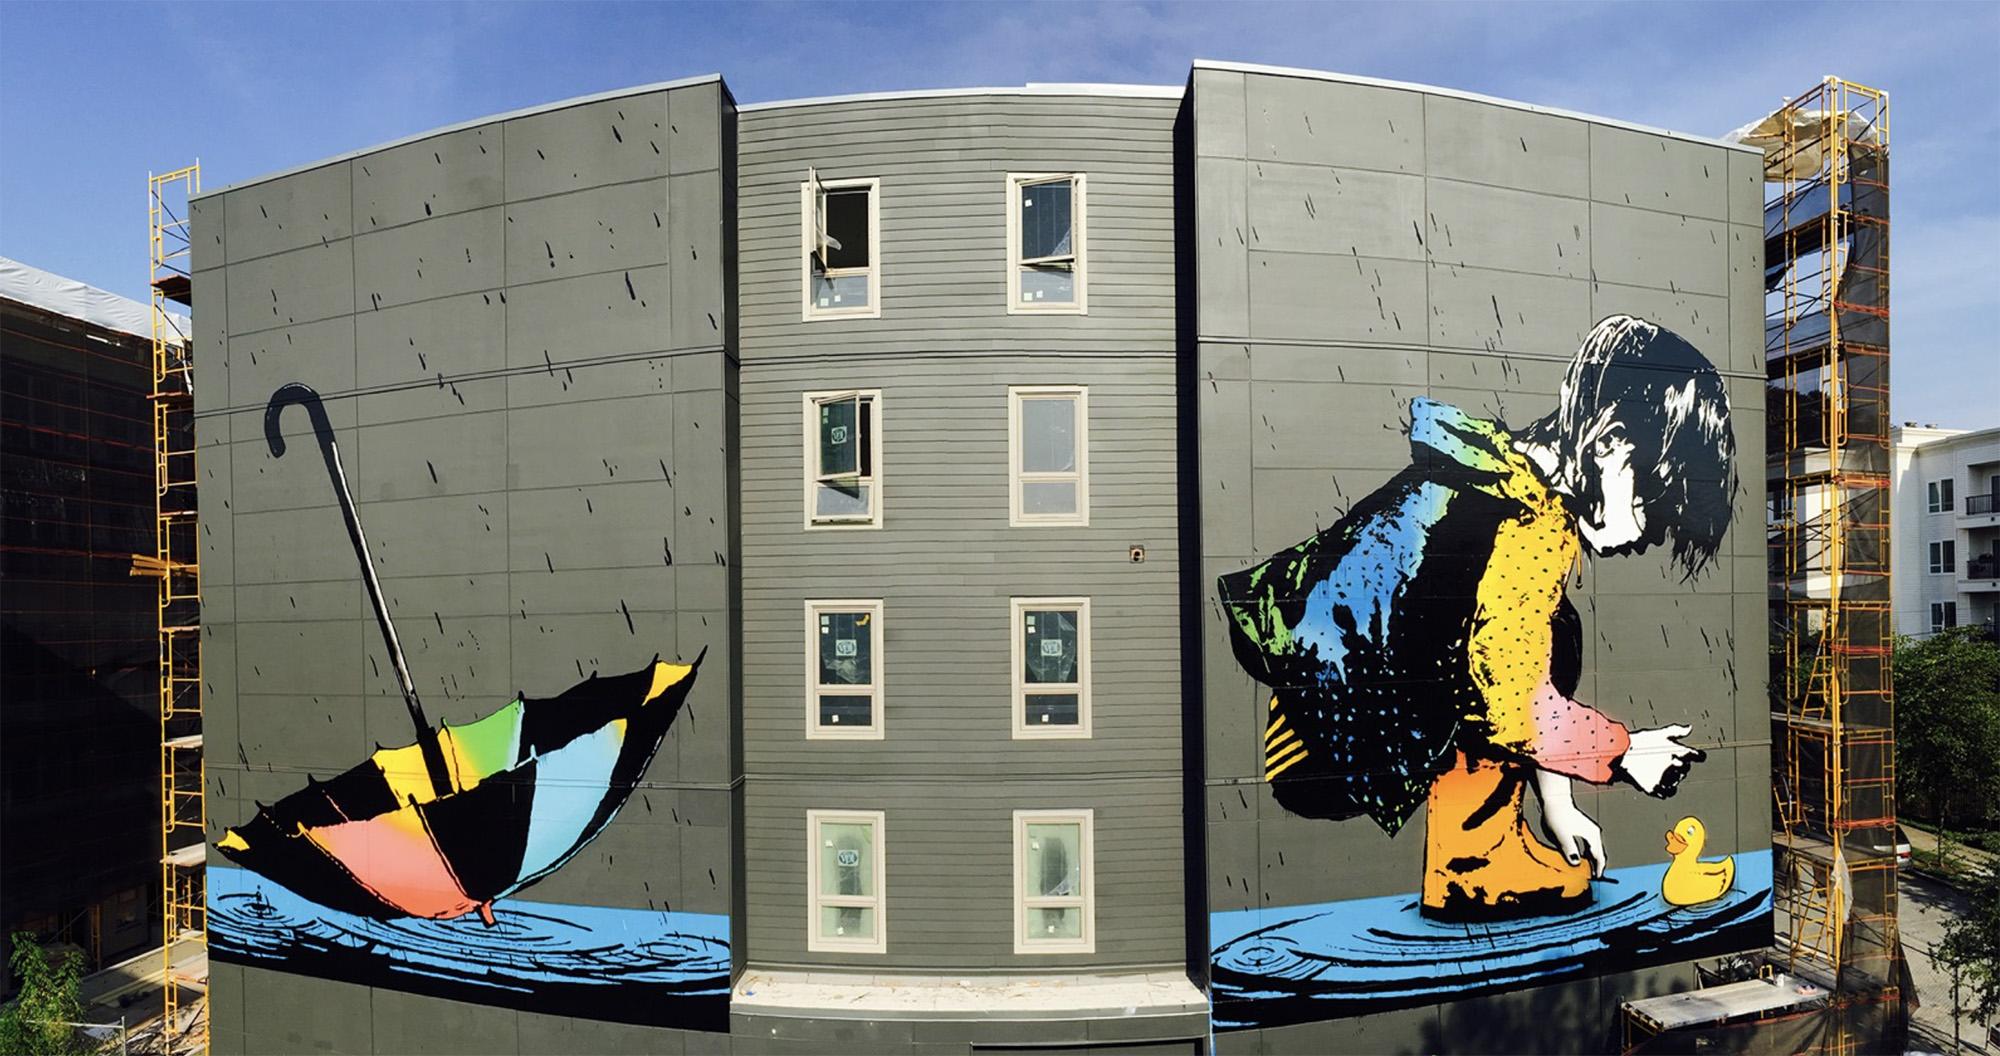 Top 15 dos Murais sobre Crianças Artes & contextos BumbleBee1